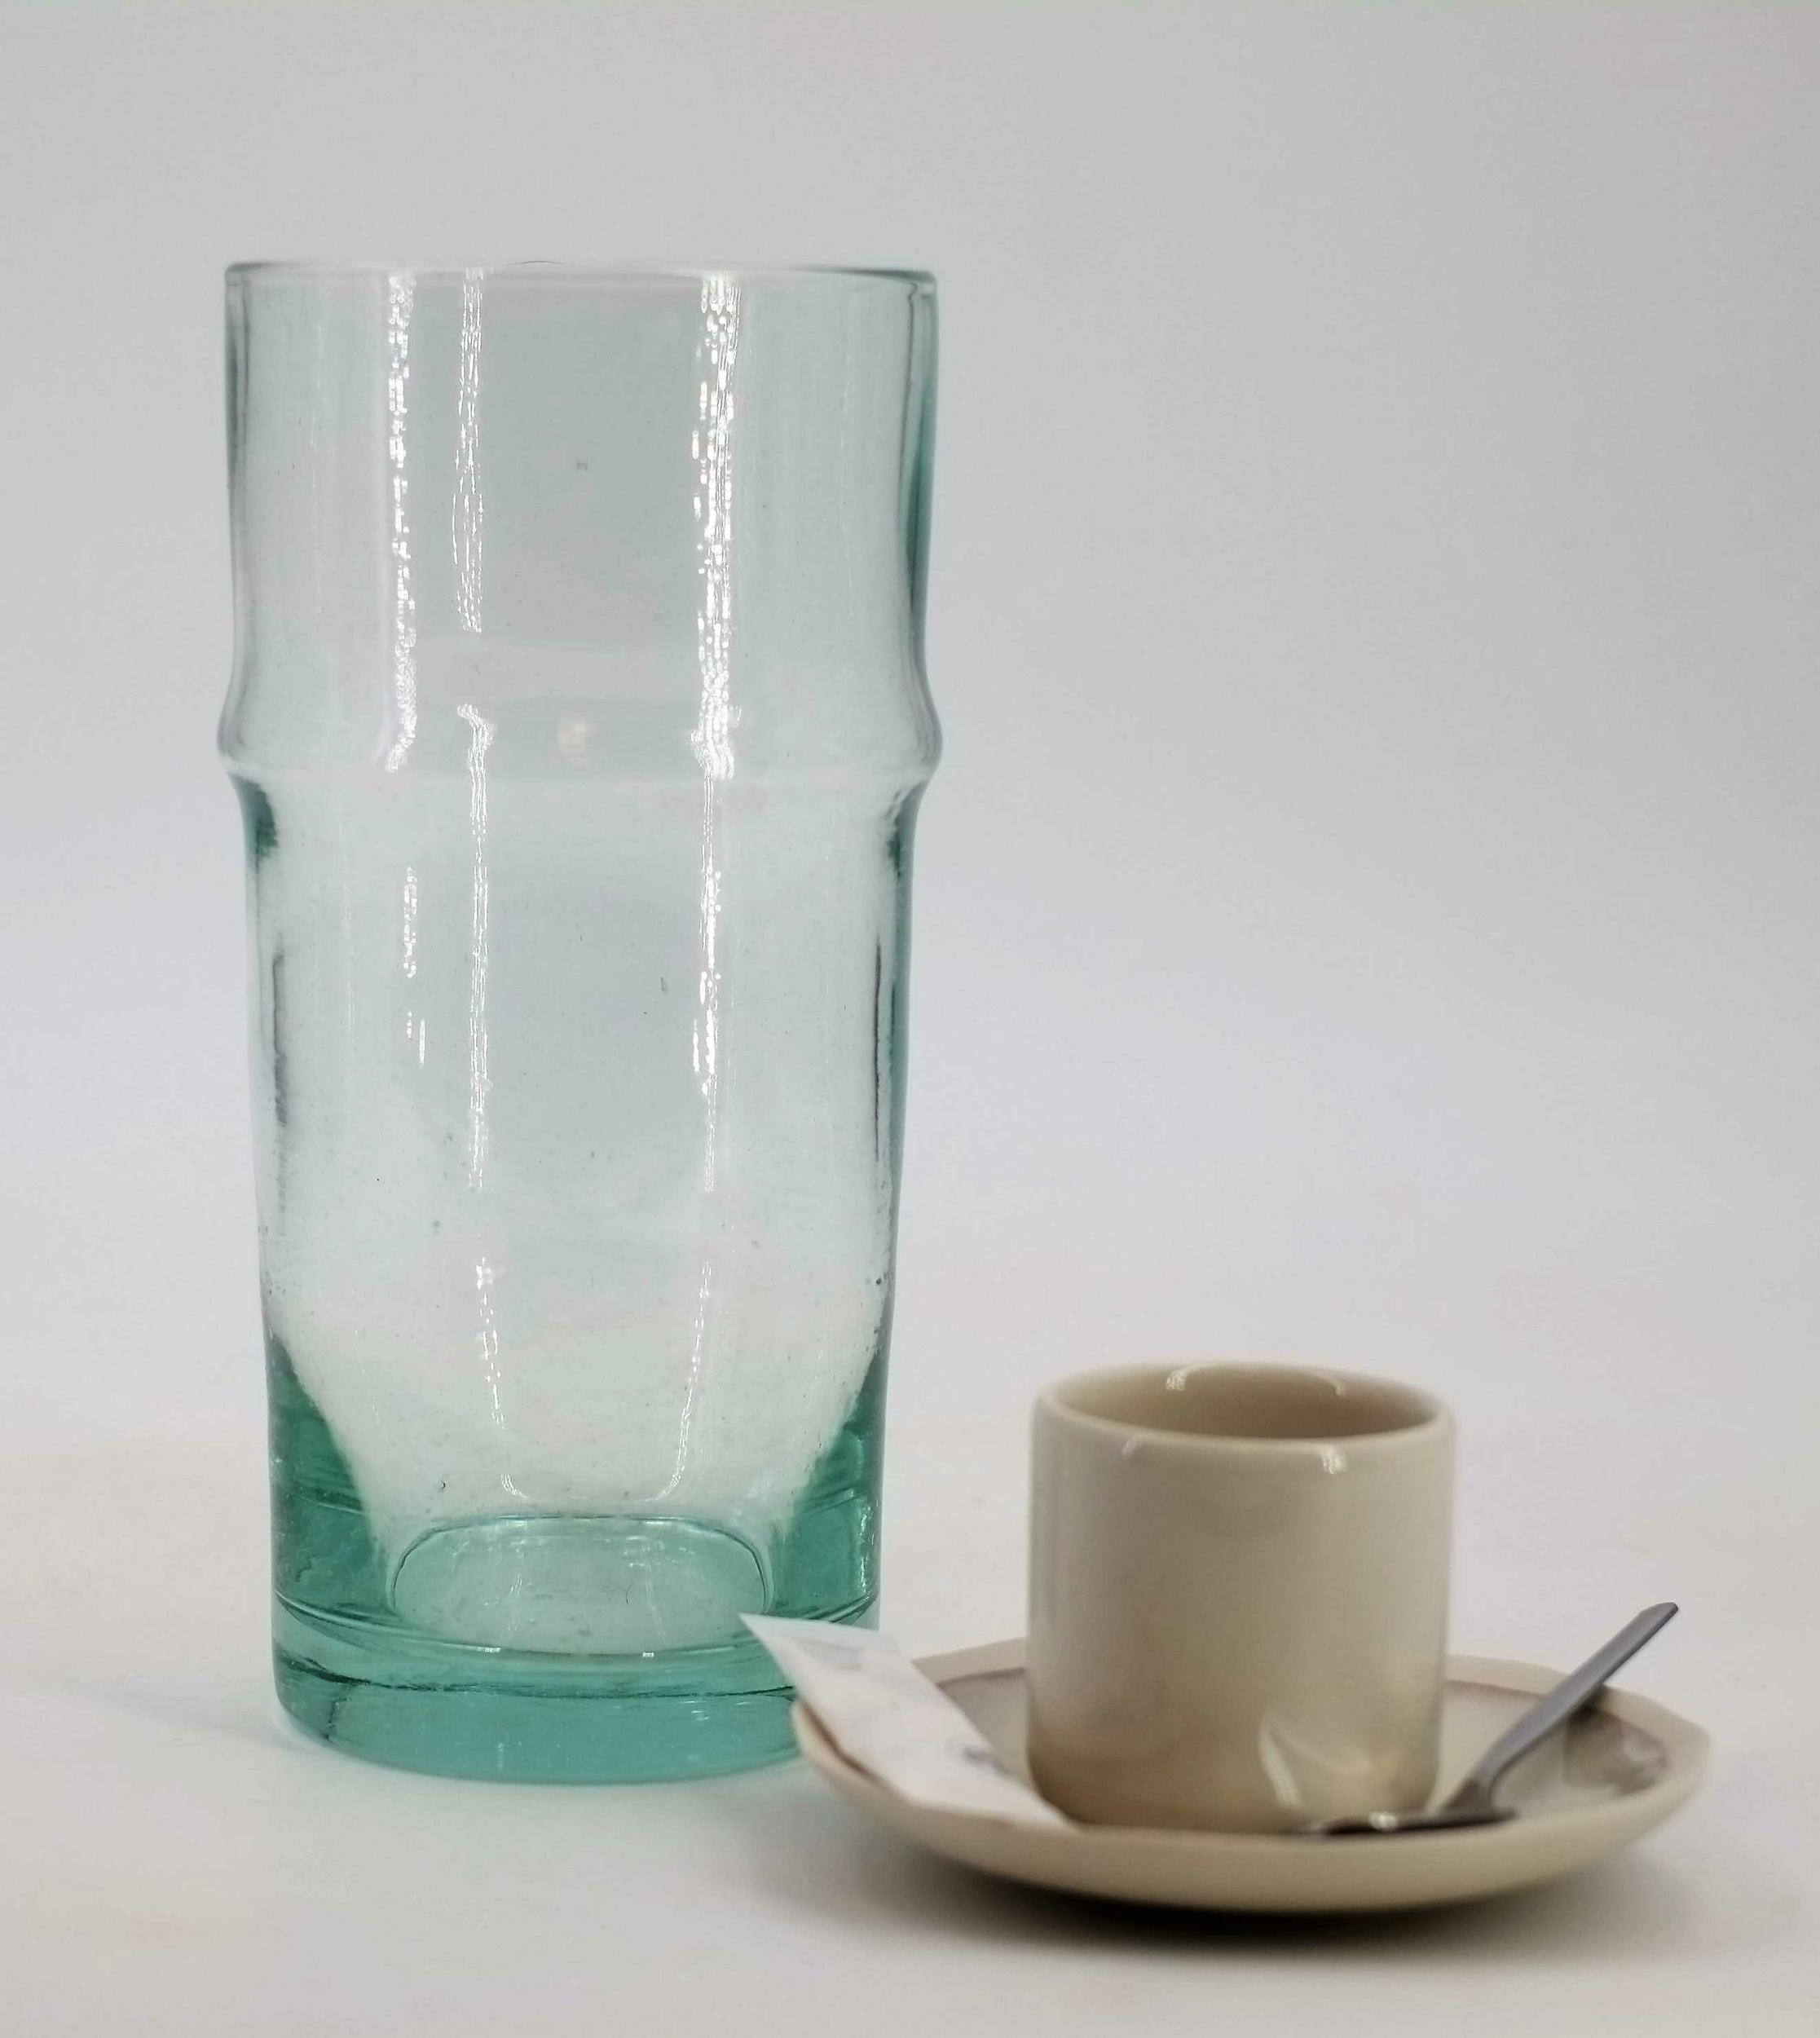 Vase en verre recyclé et soufflé du Maroc